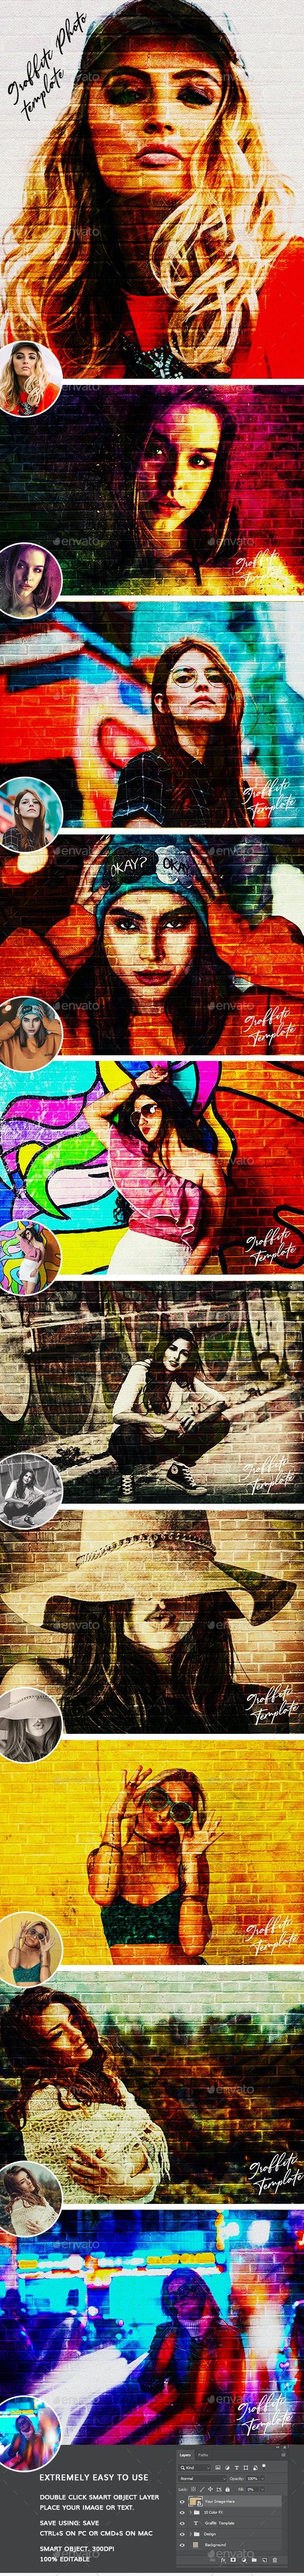 دانلود تمپلیت Graffiti Effects